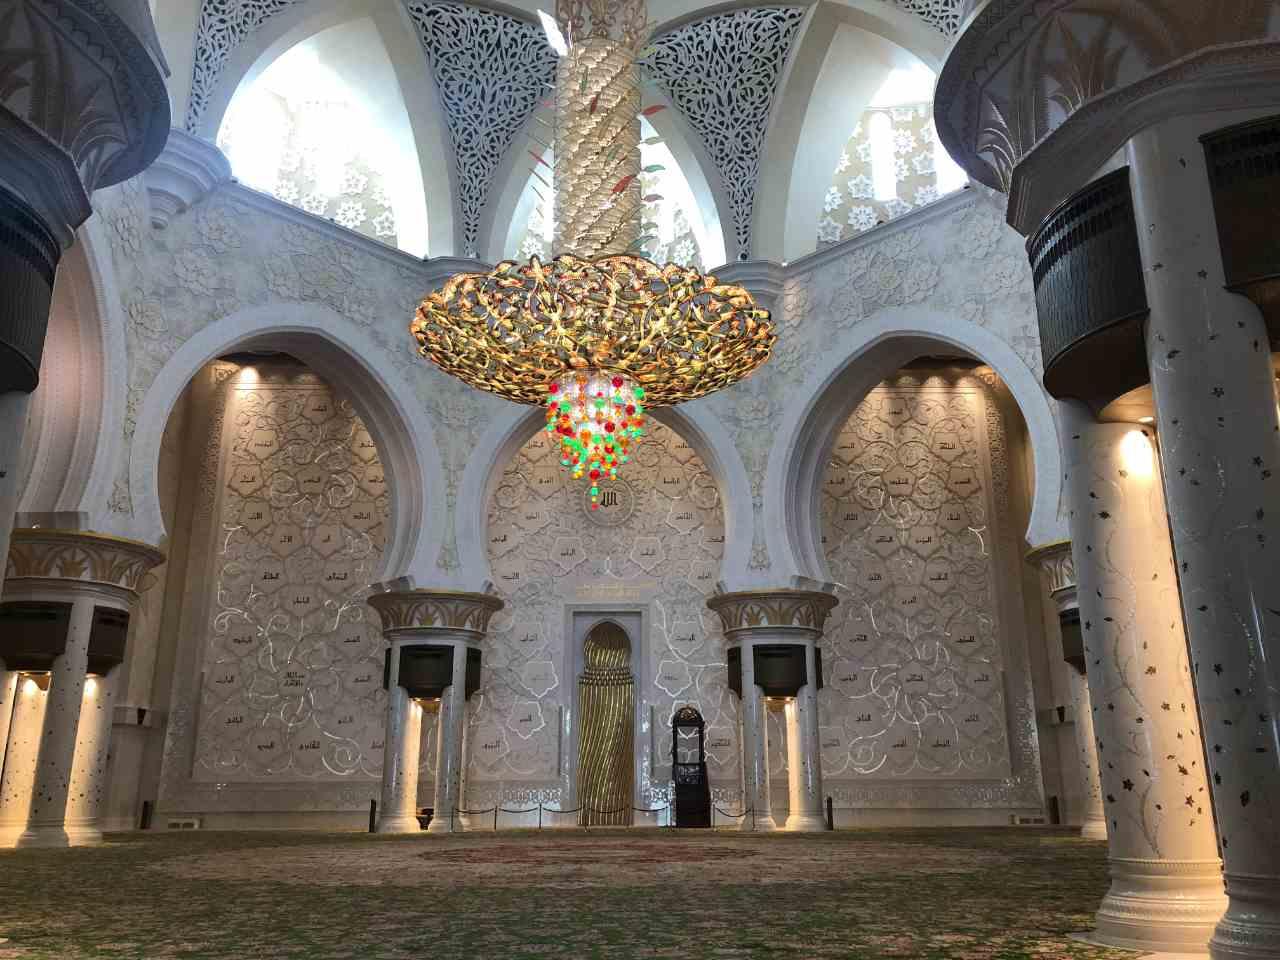 sala de orações da Mesquita Xeque Zayed, com um lustre colorido